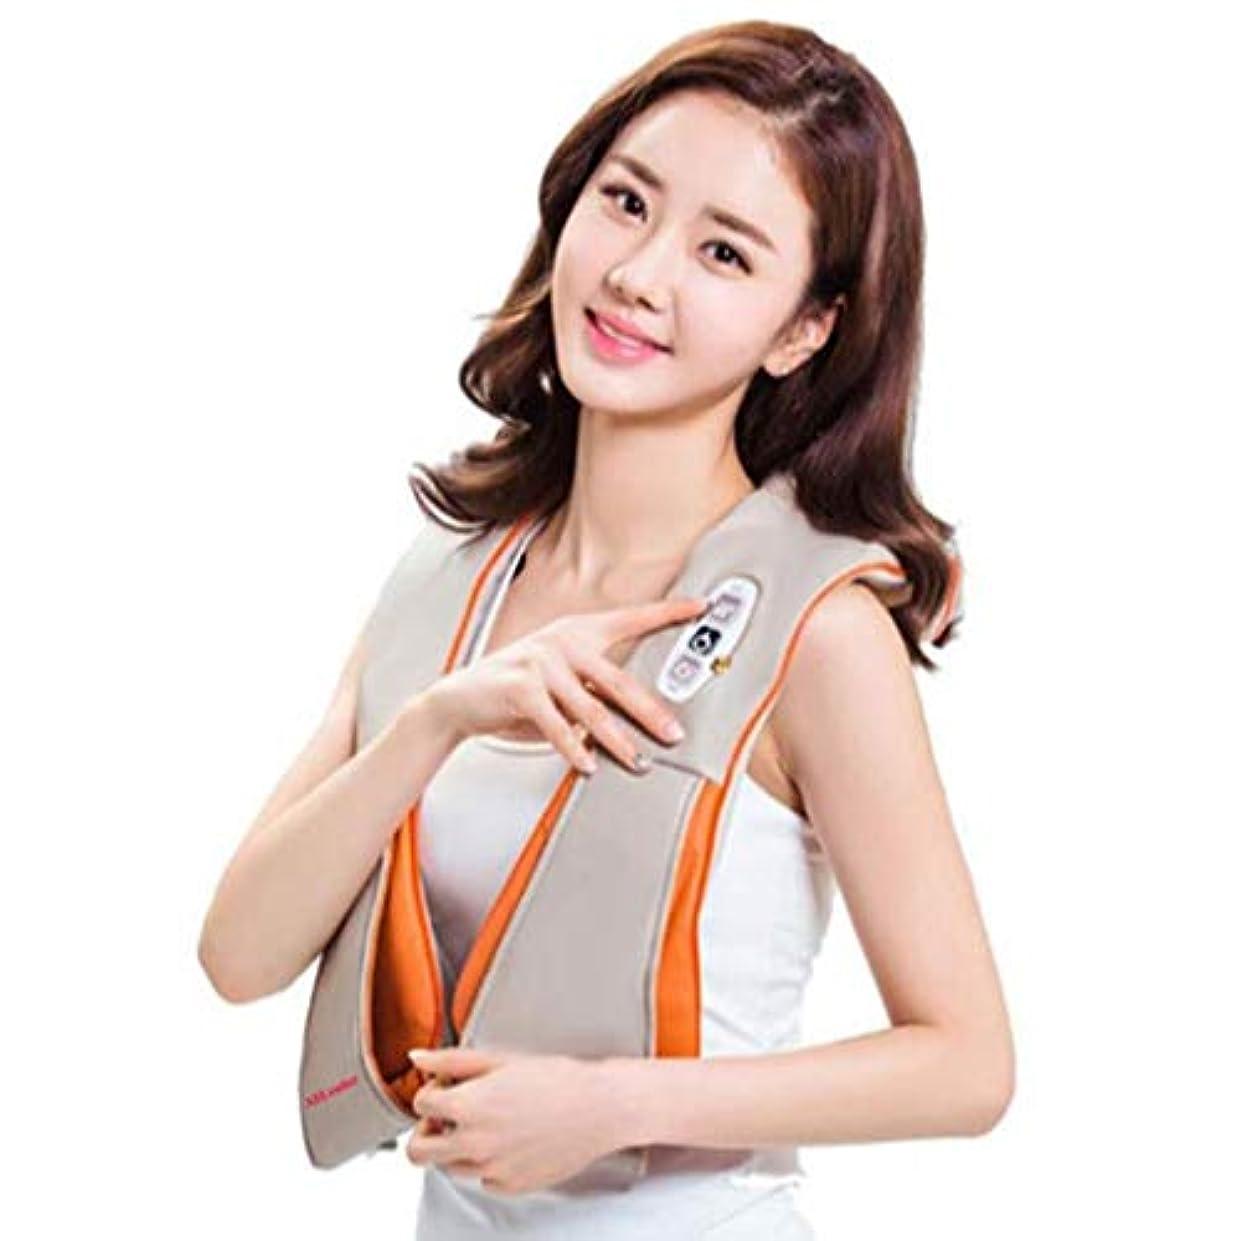 ガム変数変数首のマッサージャー、調節可能な強さのための熱および深いティッシュの混練のマッサージの指圧の肩のマッサージャー、事務車で使用することができます